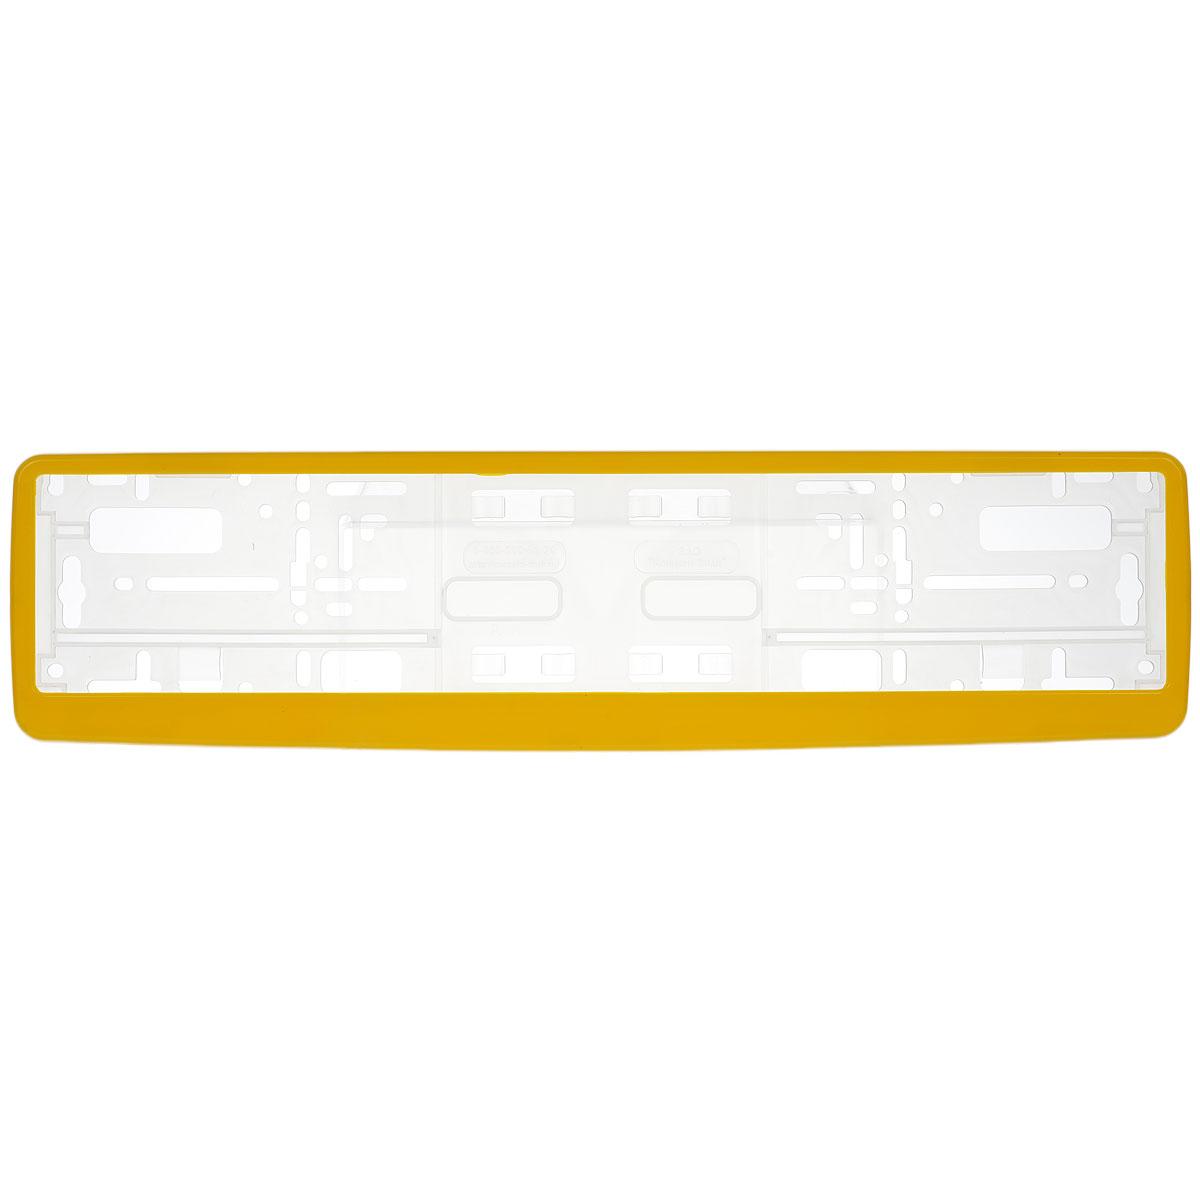 Рамка под номер Концерн Знак, цвет: желтыйCA-3505Рамка Концерн Знак не только закрепит регистрационный знак на вашем автомобиле, но и красиво его оформит. Основание рамки выполнено из полипропилена, материал лицевой панели - пластик.Она предназначена для крепления регистрационного знака российского и европейского образца. Устанавливается на все типы автомобилей. Крепления в комплект не входят.Стильный дизайн идеально впишется в экстерьер вашего автомобиля.Размер рамки: 53,5 см х 13,5 см. Размер регистрационного знака: 52,5 см х 11,5 см.